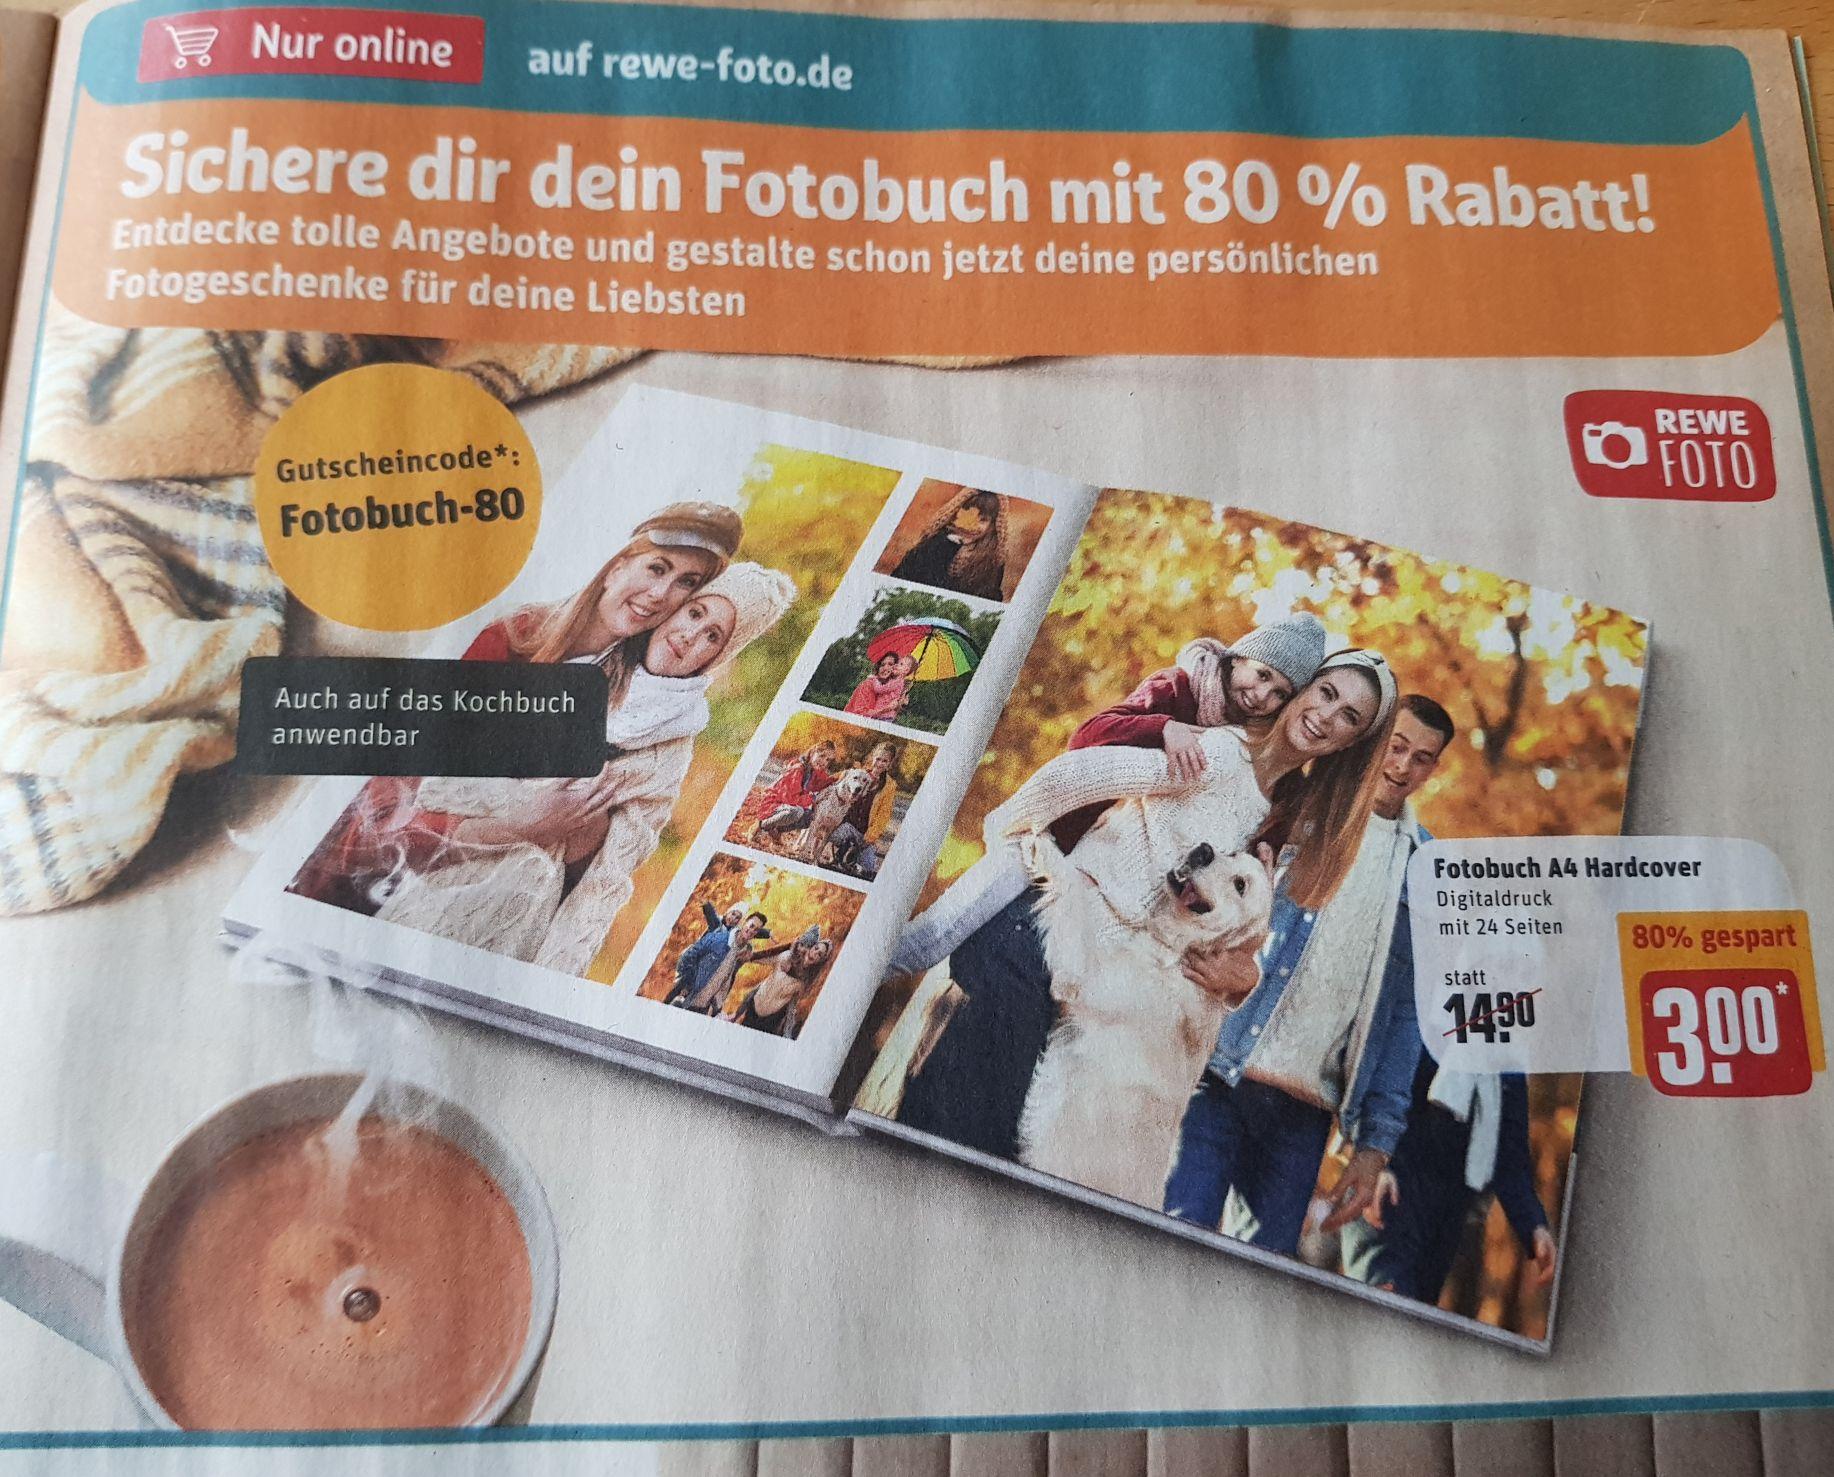 Rewe Fotobuch mit 24 Seiten A4 Hardcover für 3€